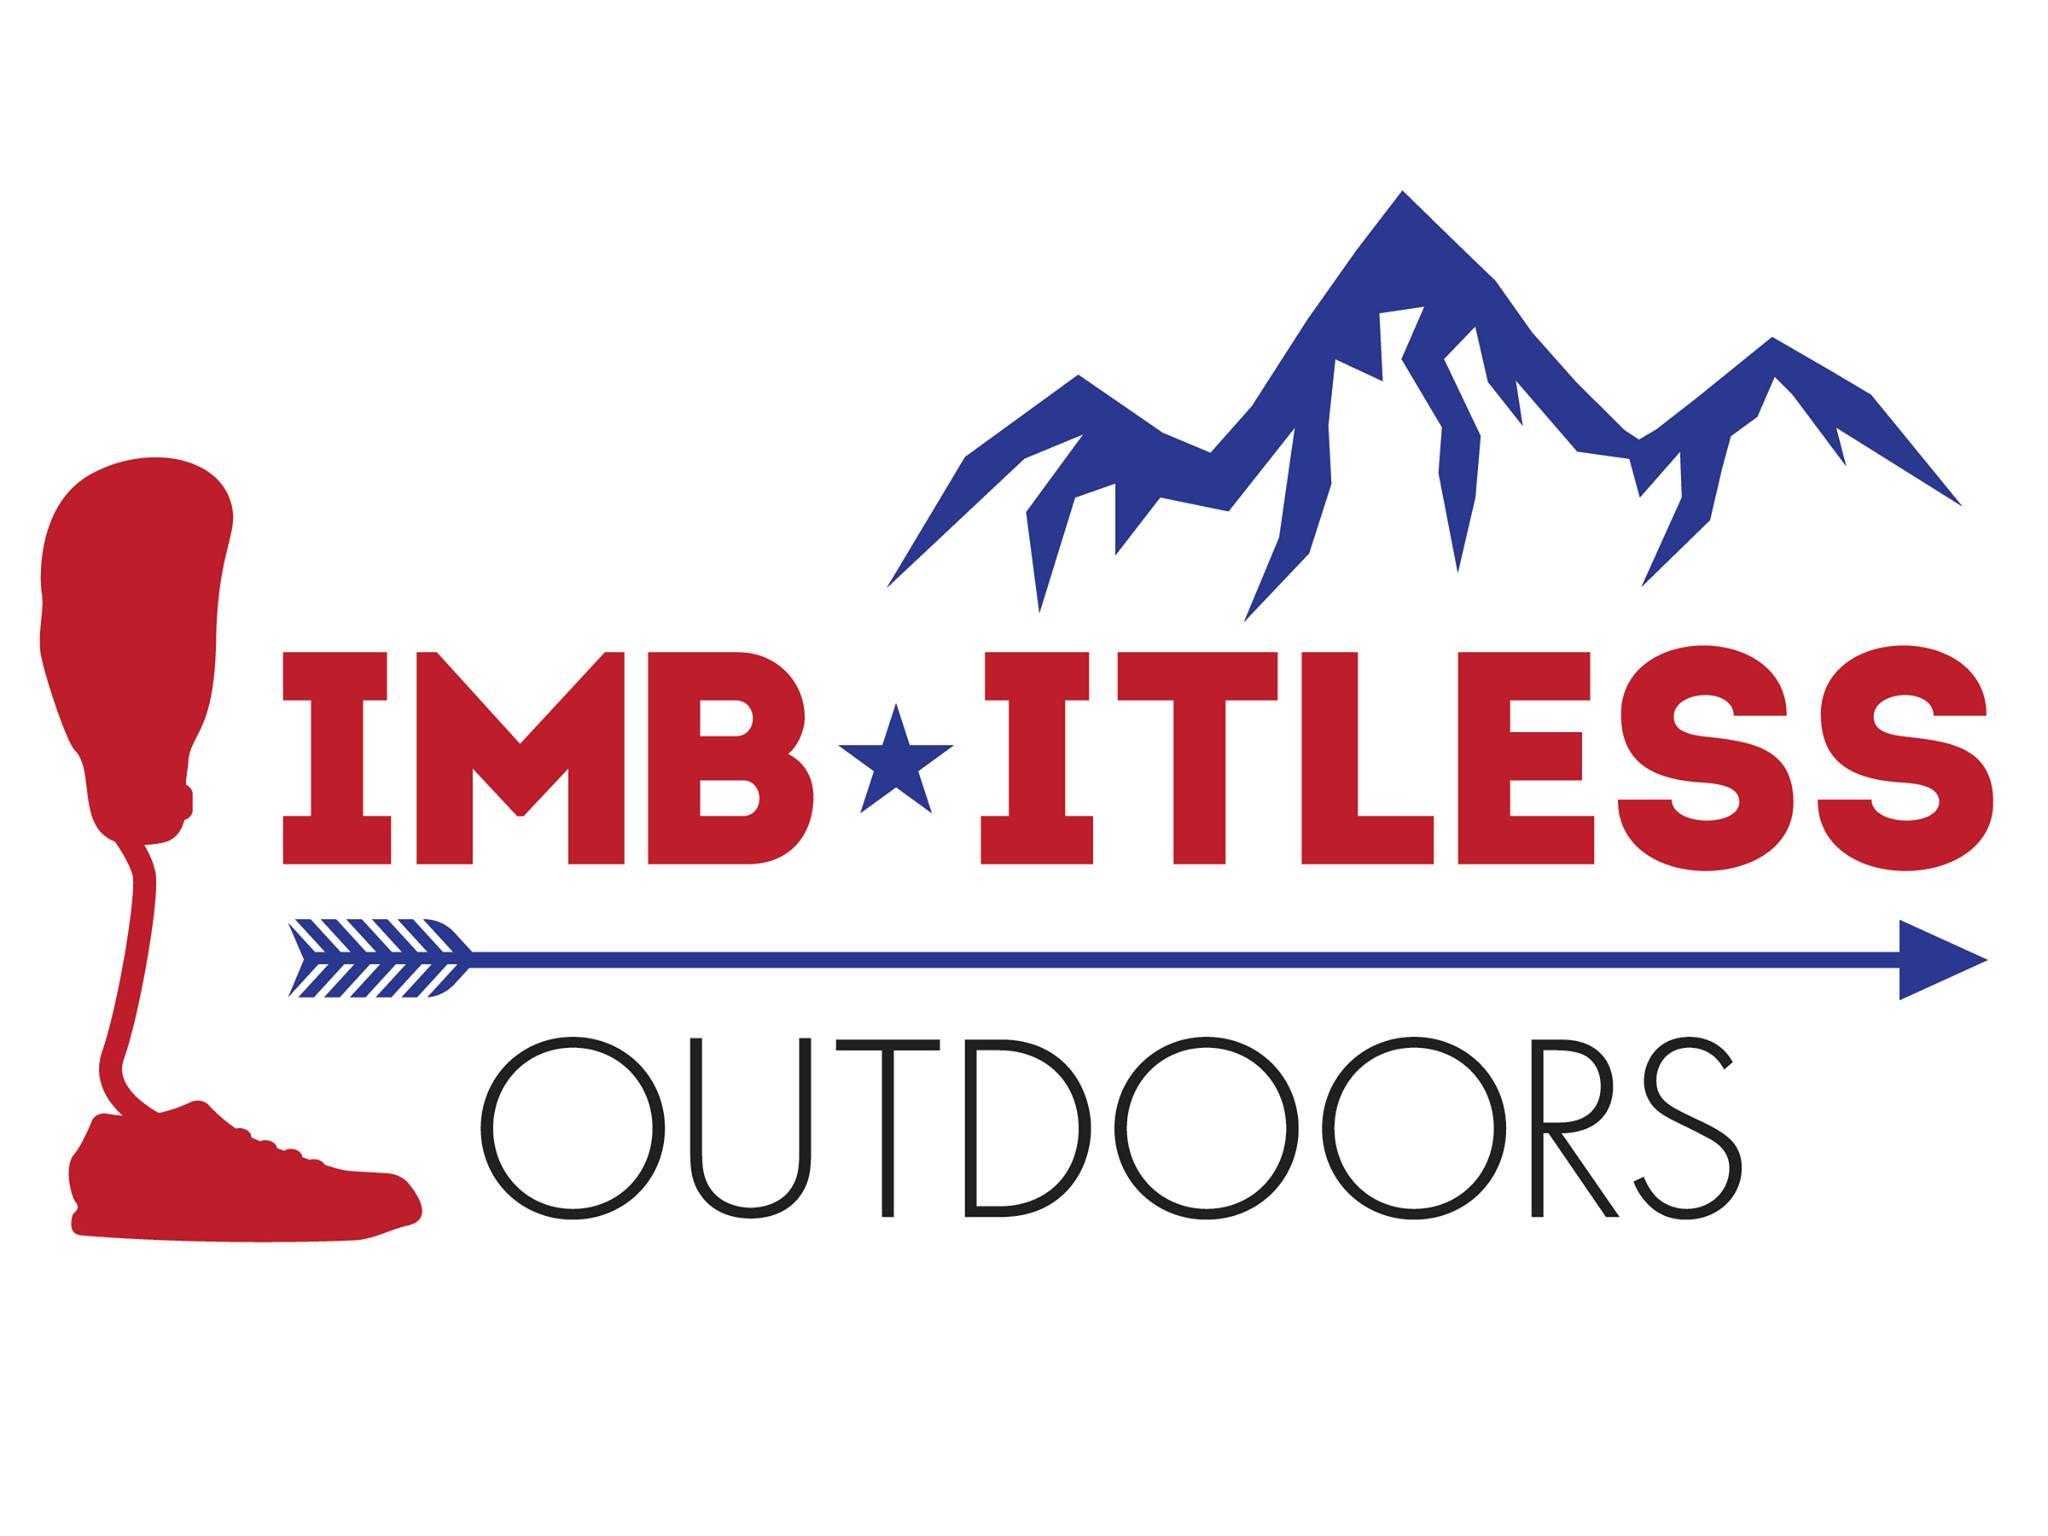 Limb-itless